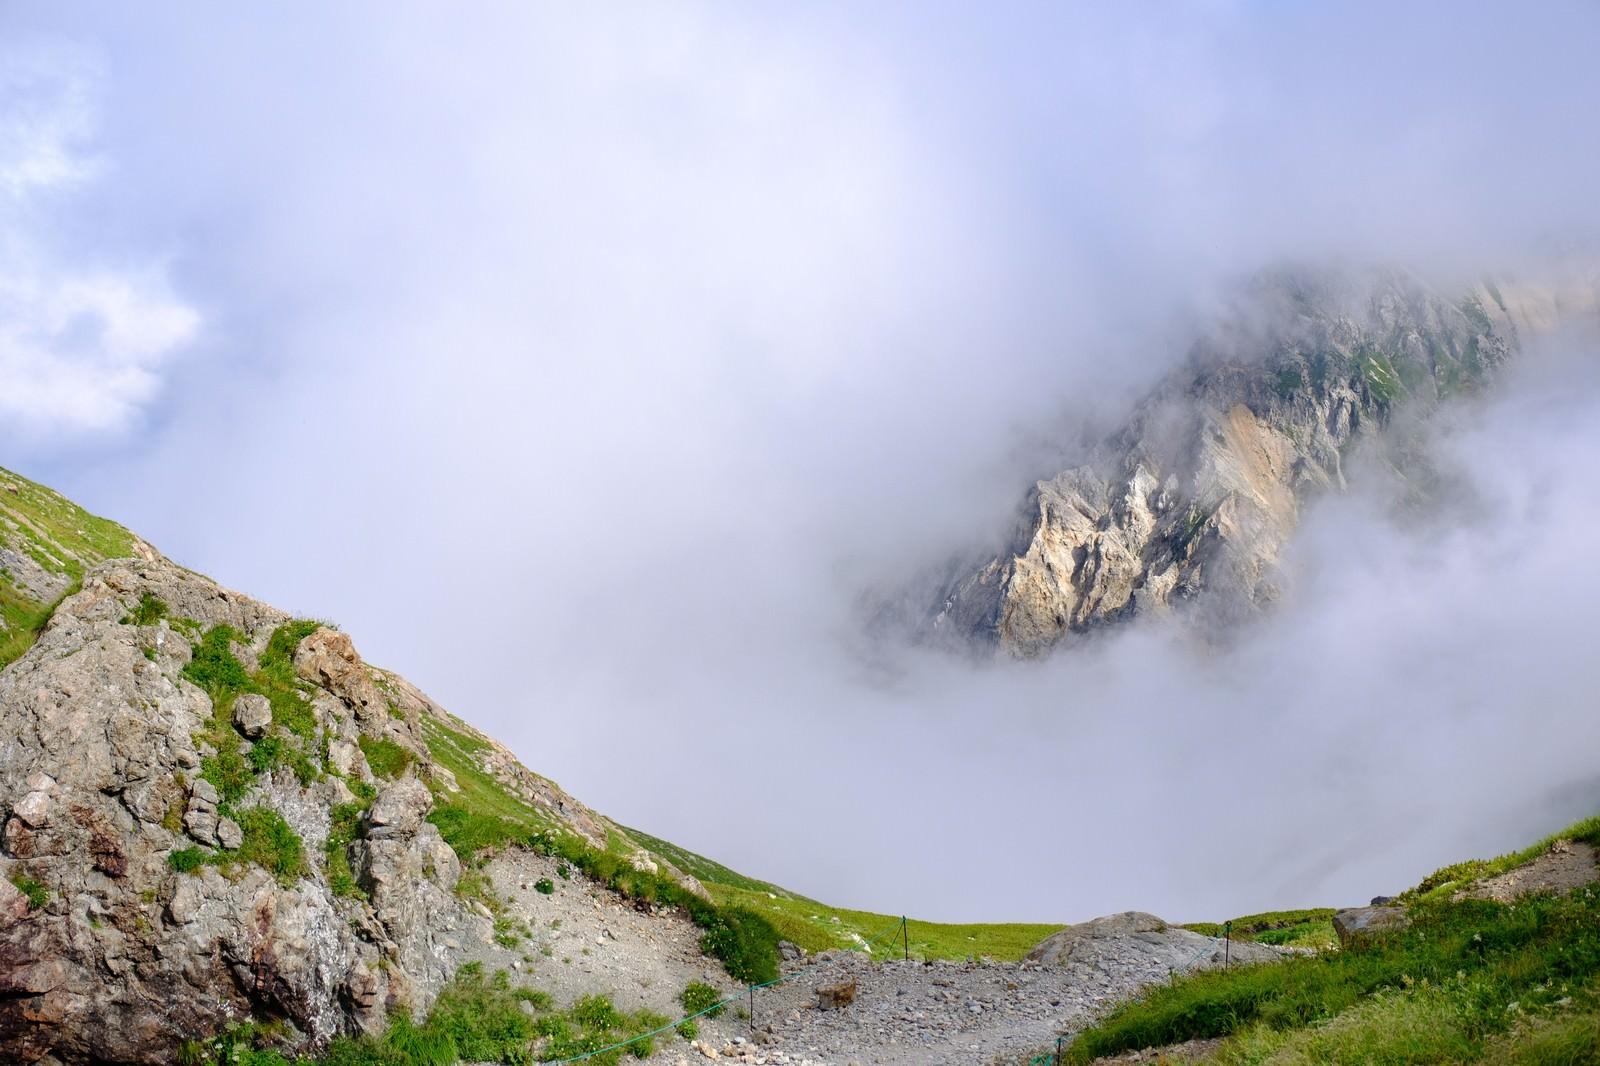 「白馬岳山頂からみたガスの合間の岩山」の写真